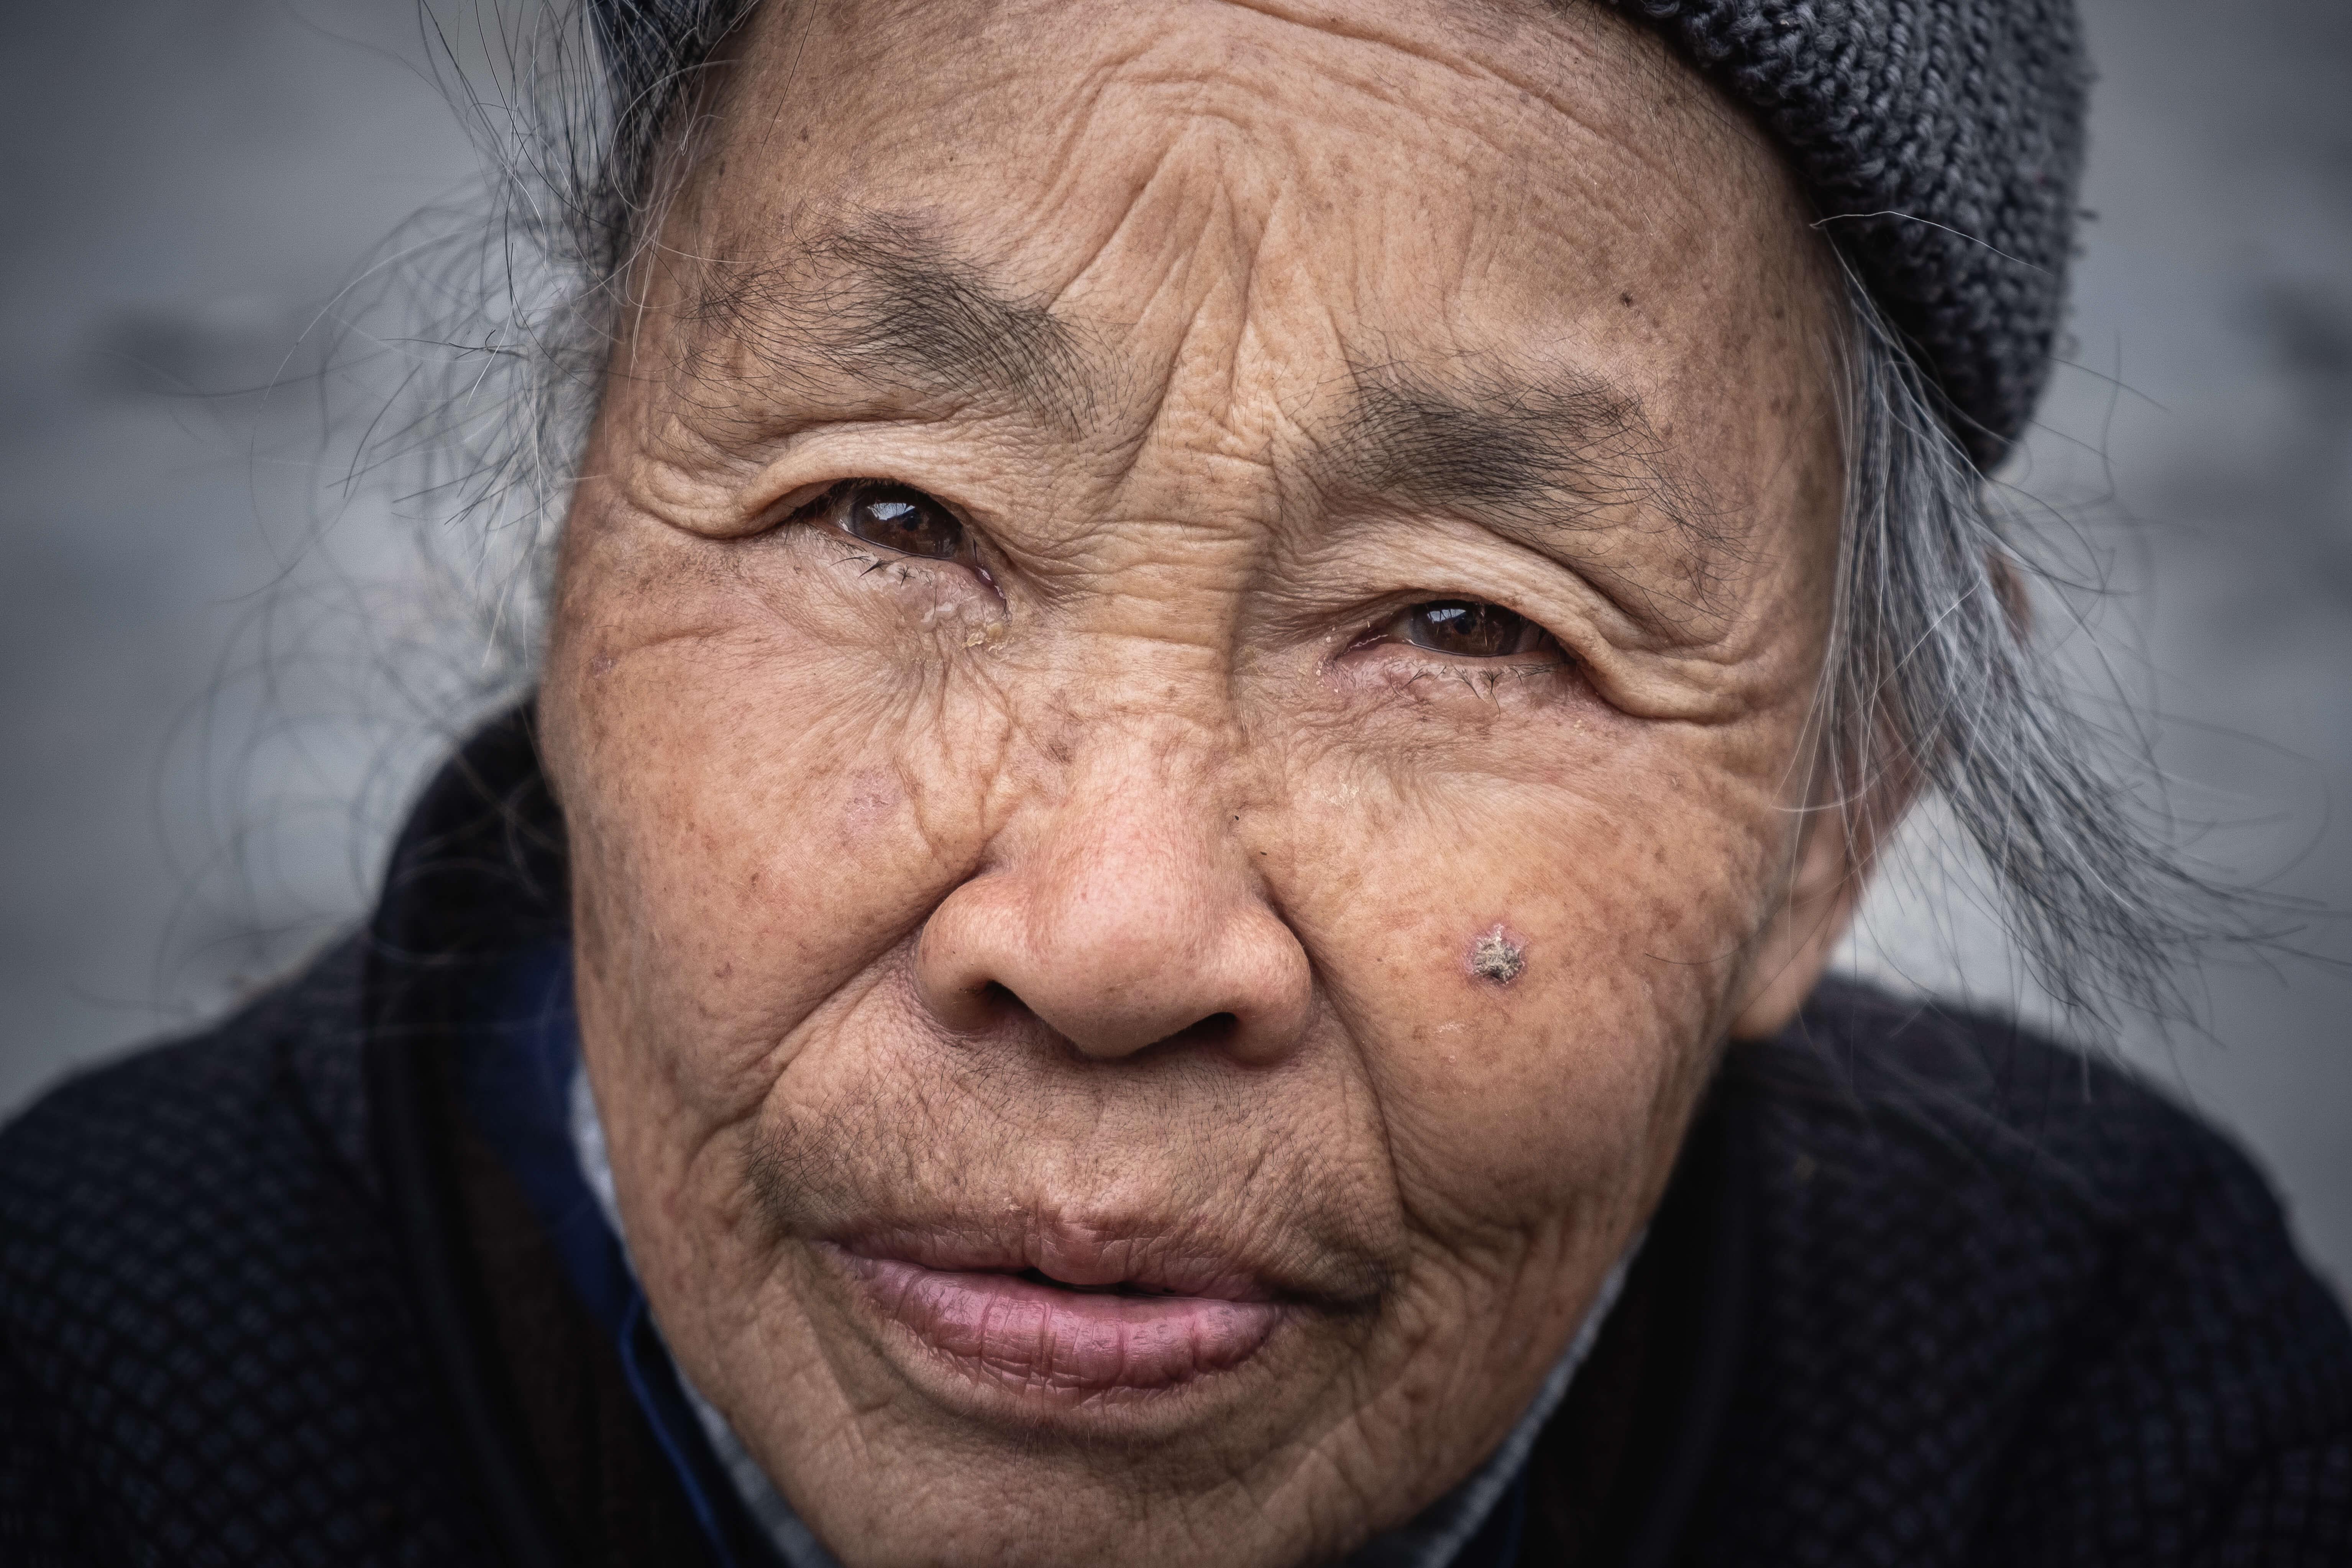 Zhaoxing, Guizhou, Dong ville, rice terraces in China, Guangxi, Travel in China, China travel, China trips, Photo Tour in China, China photo tours